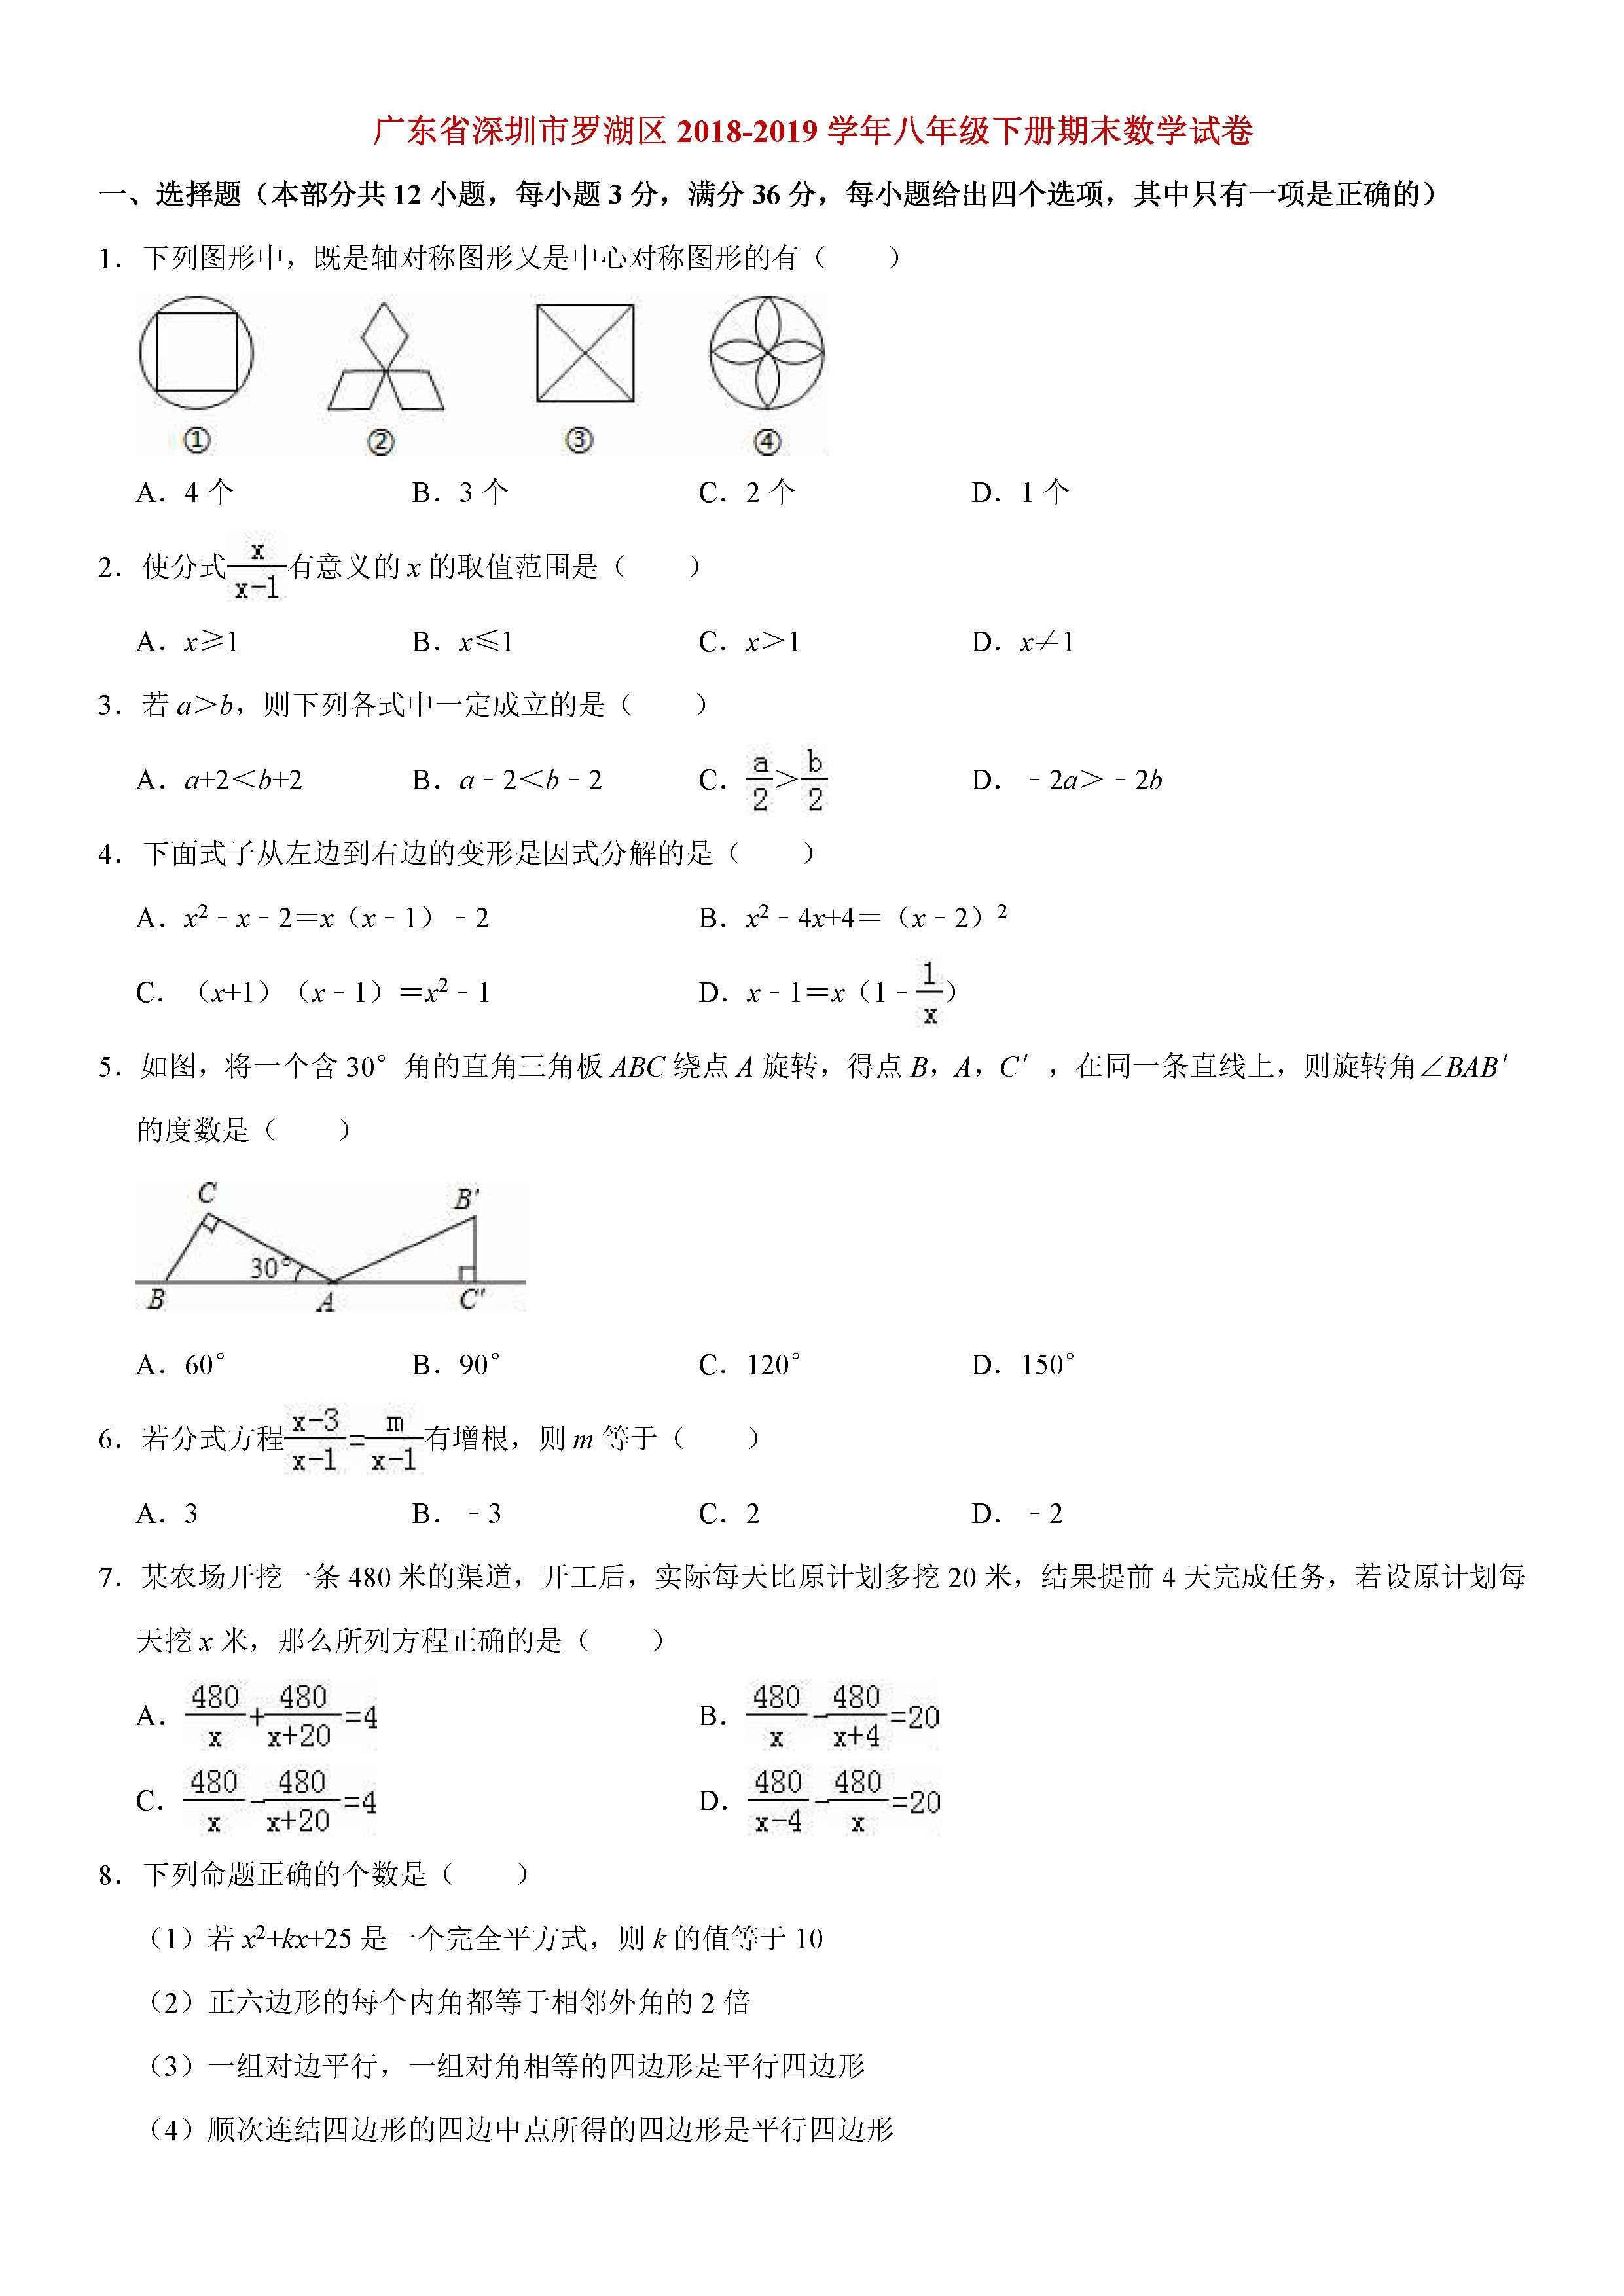 深圳市罗湖区2018-2019八年级数学下册期末测试题含解析